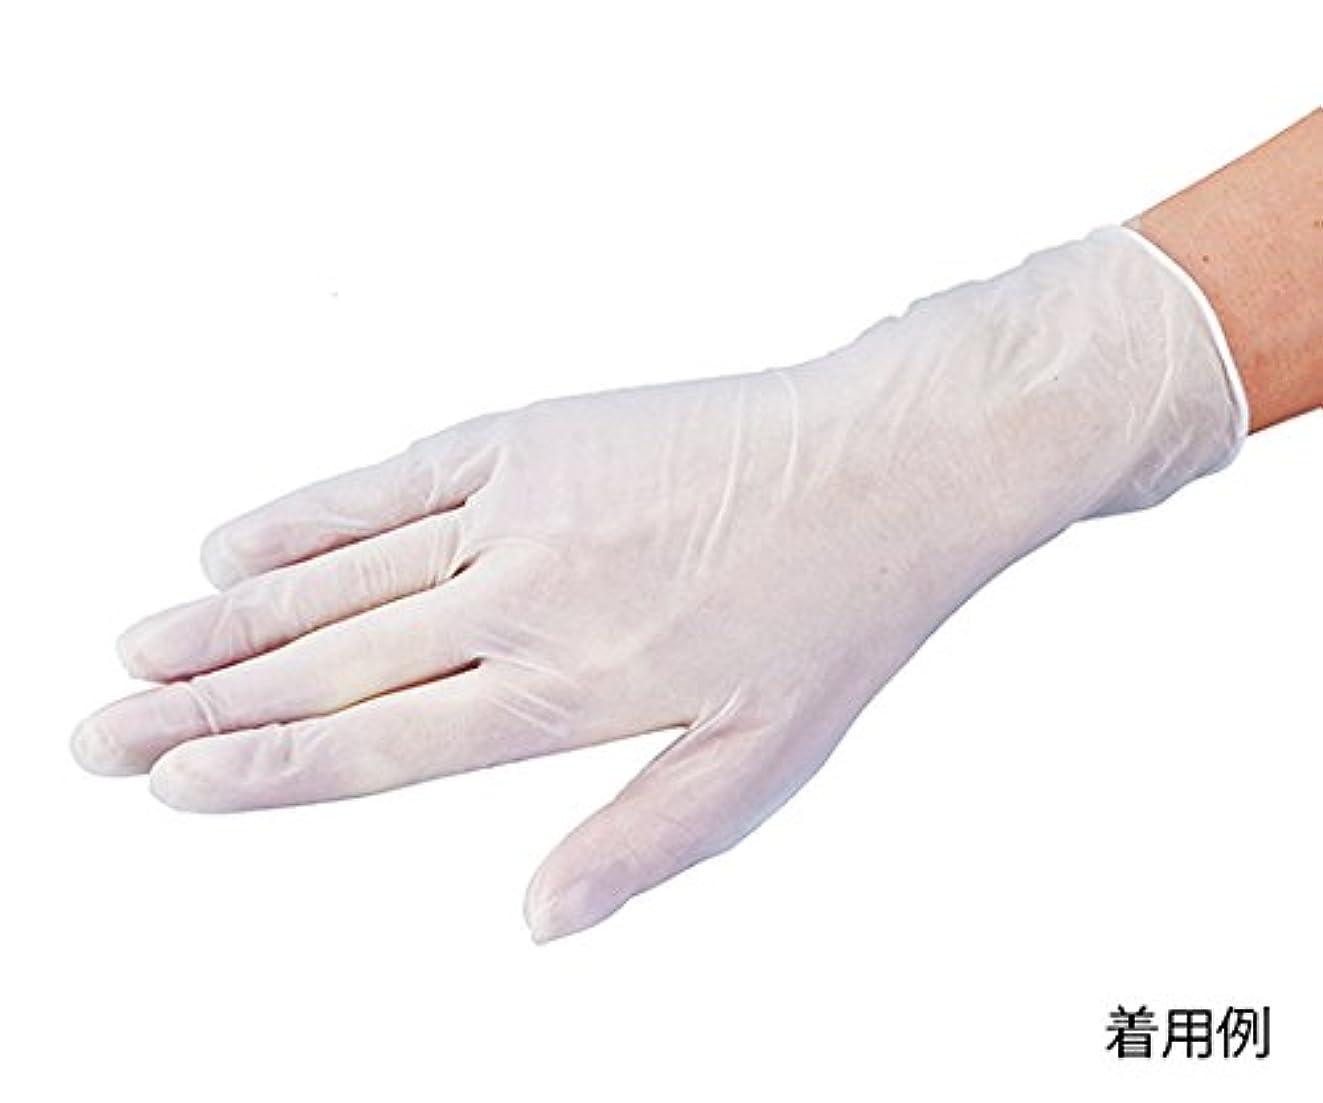 ウィスキーアルカイックスペインナビス(アズワン)8-9570-01プロシェアプラスチック手袋パウダー付L